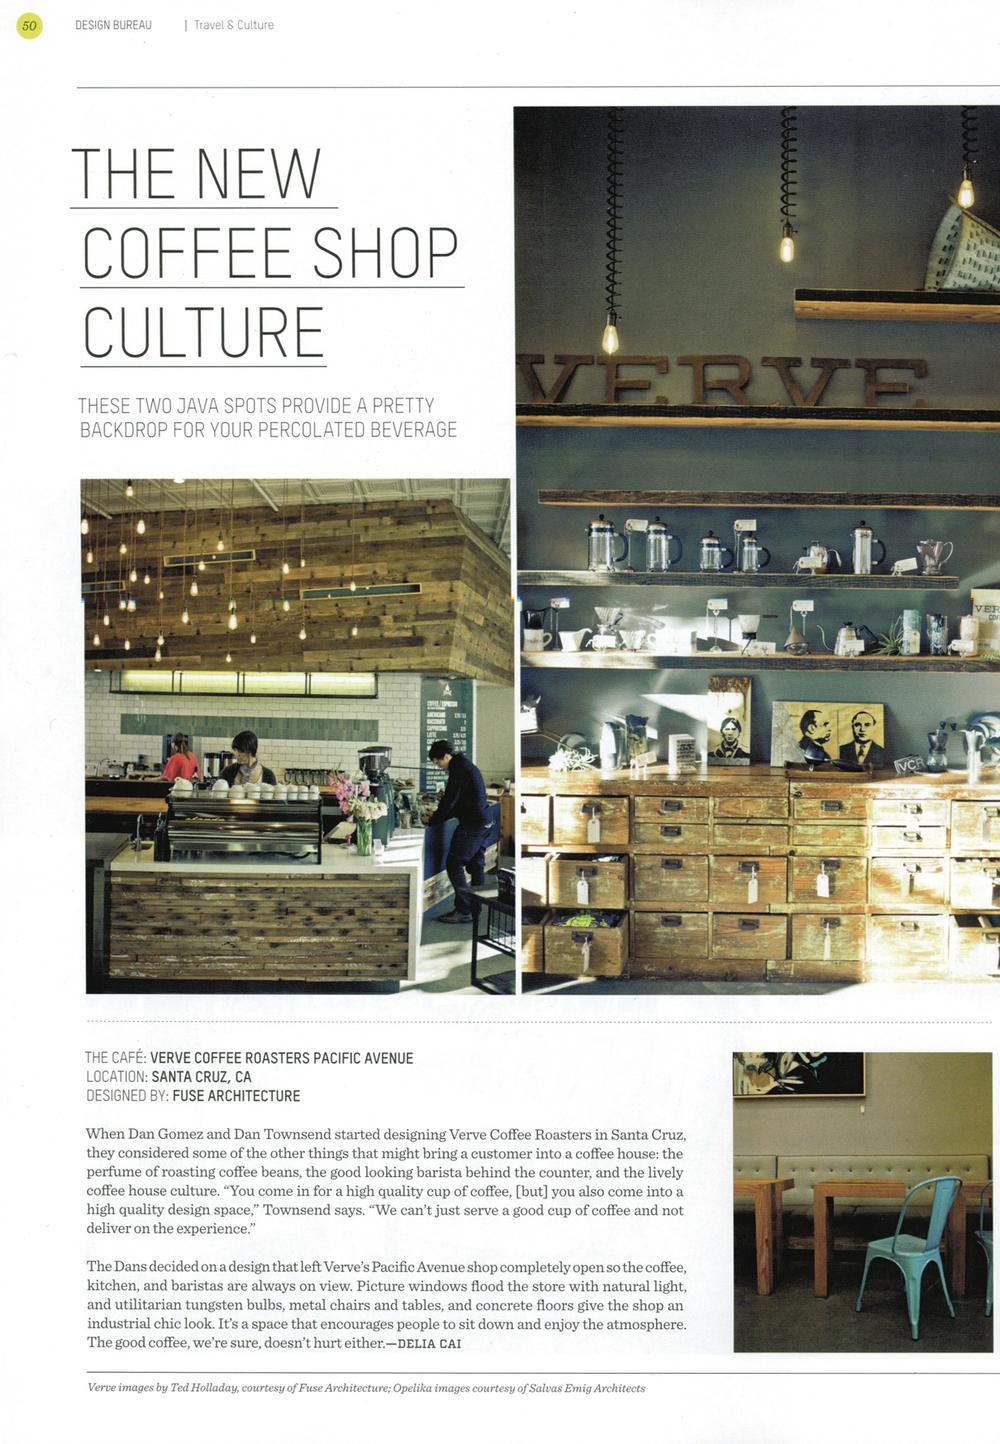 Fuse Architecture Press - Design Bureau Magazine, Verve Coffee Roasters Pacific Avenue